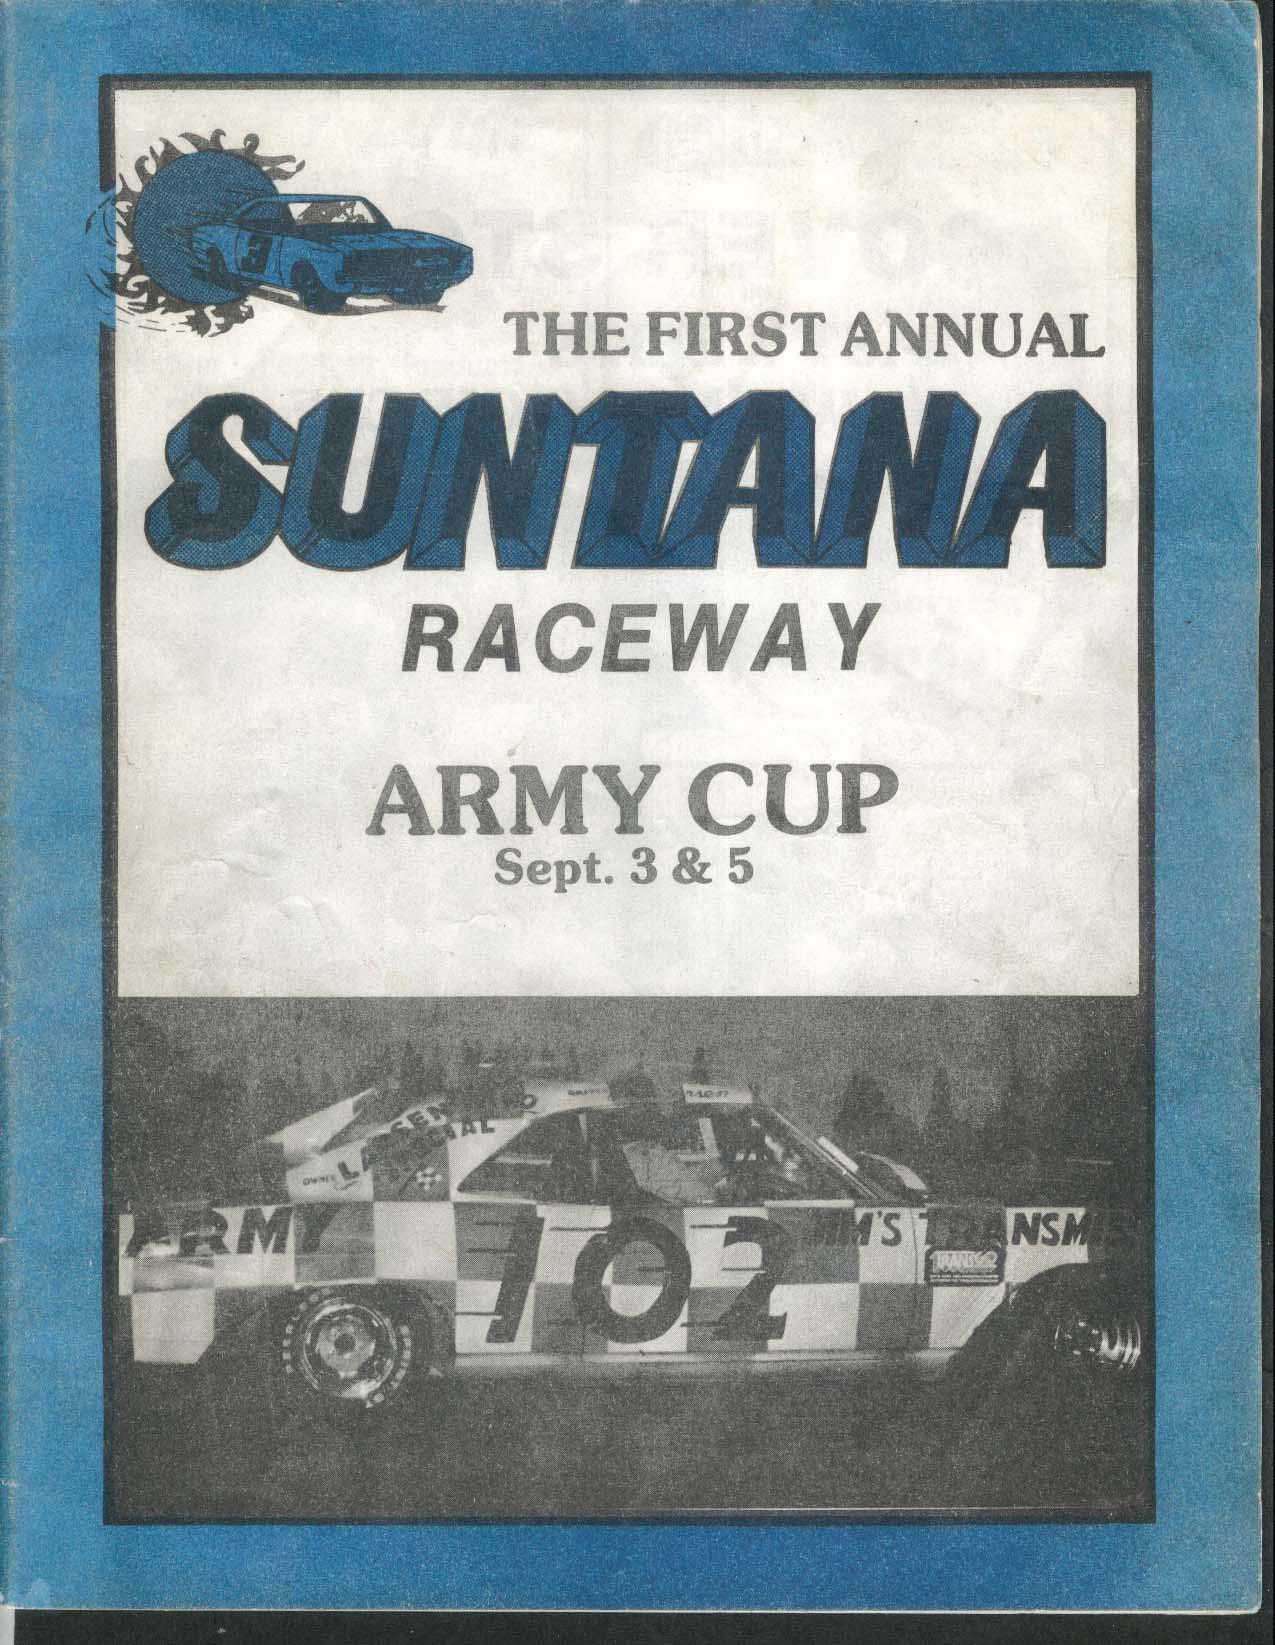 1st Annual Suntana Raceway Army Cup 1970s